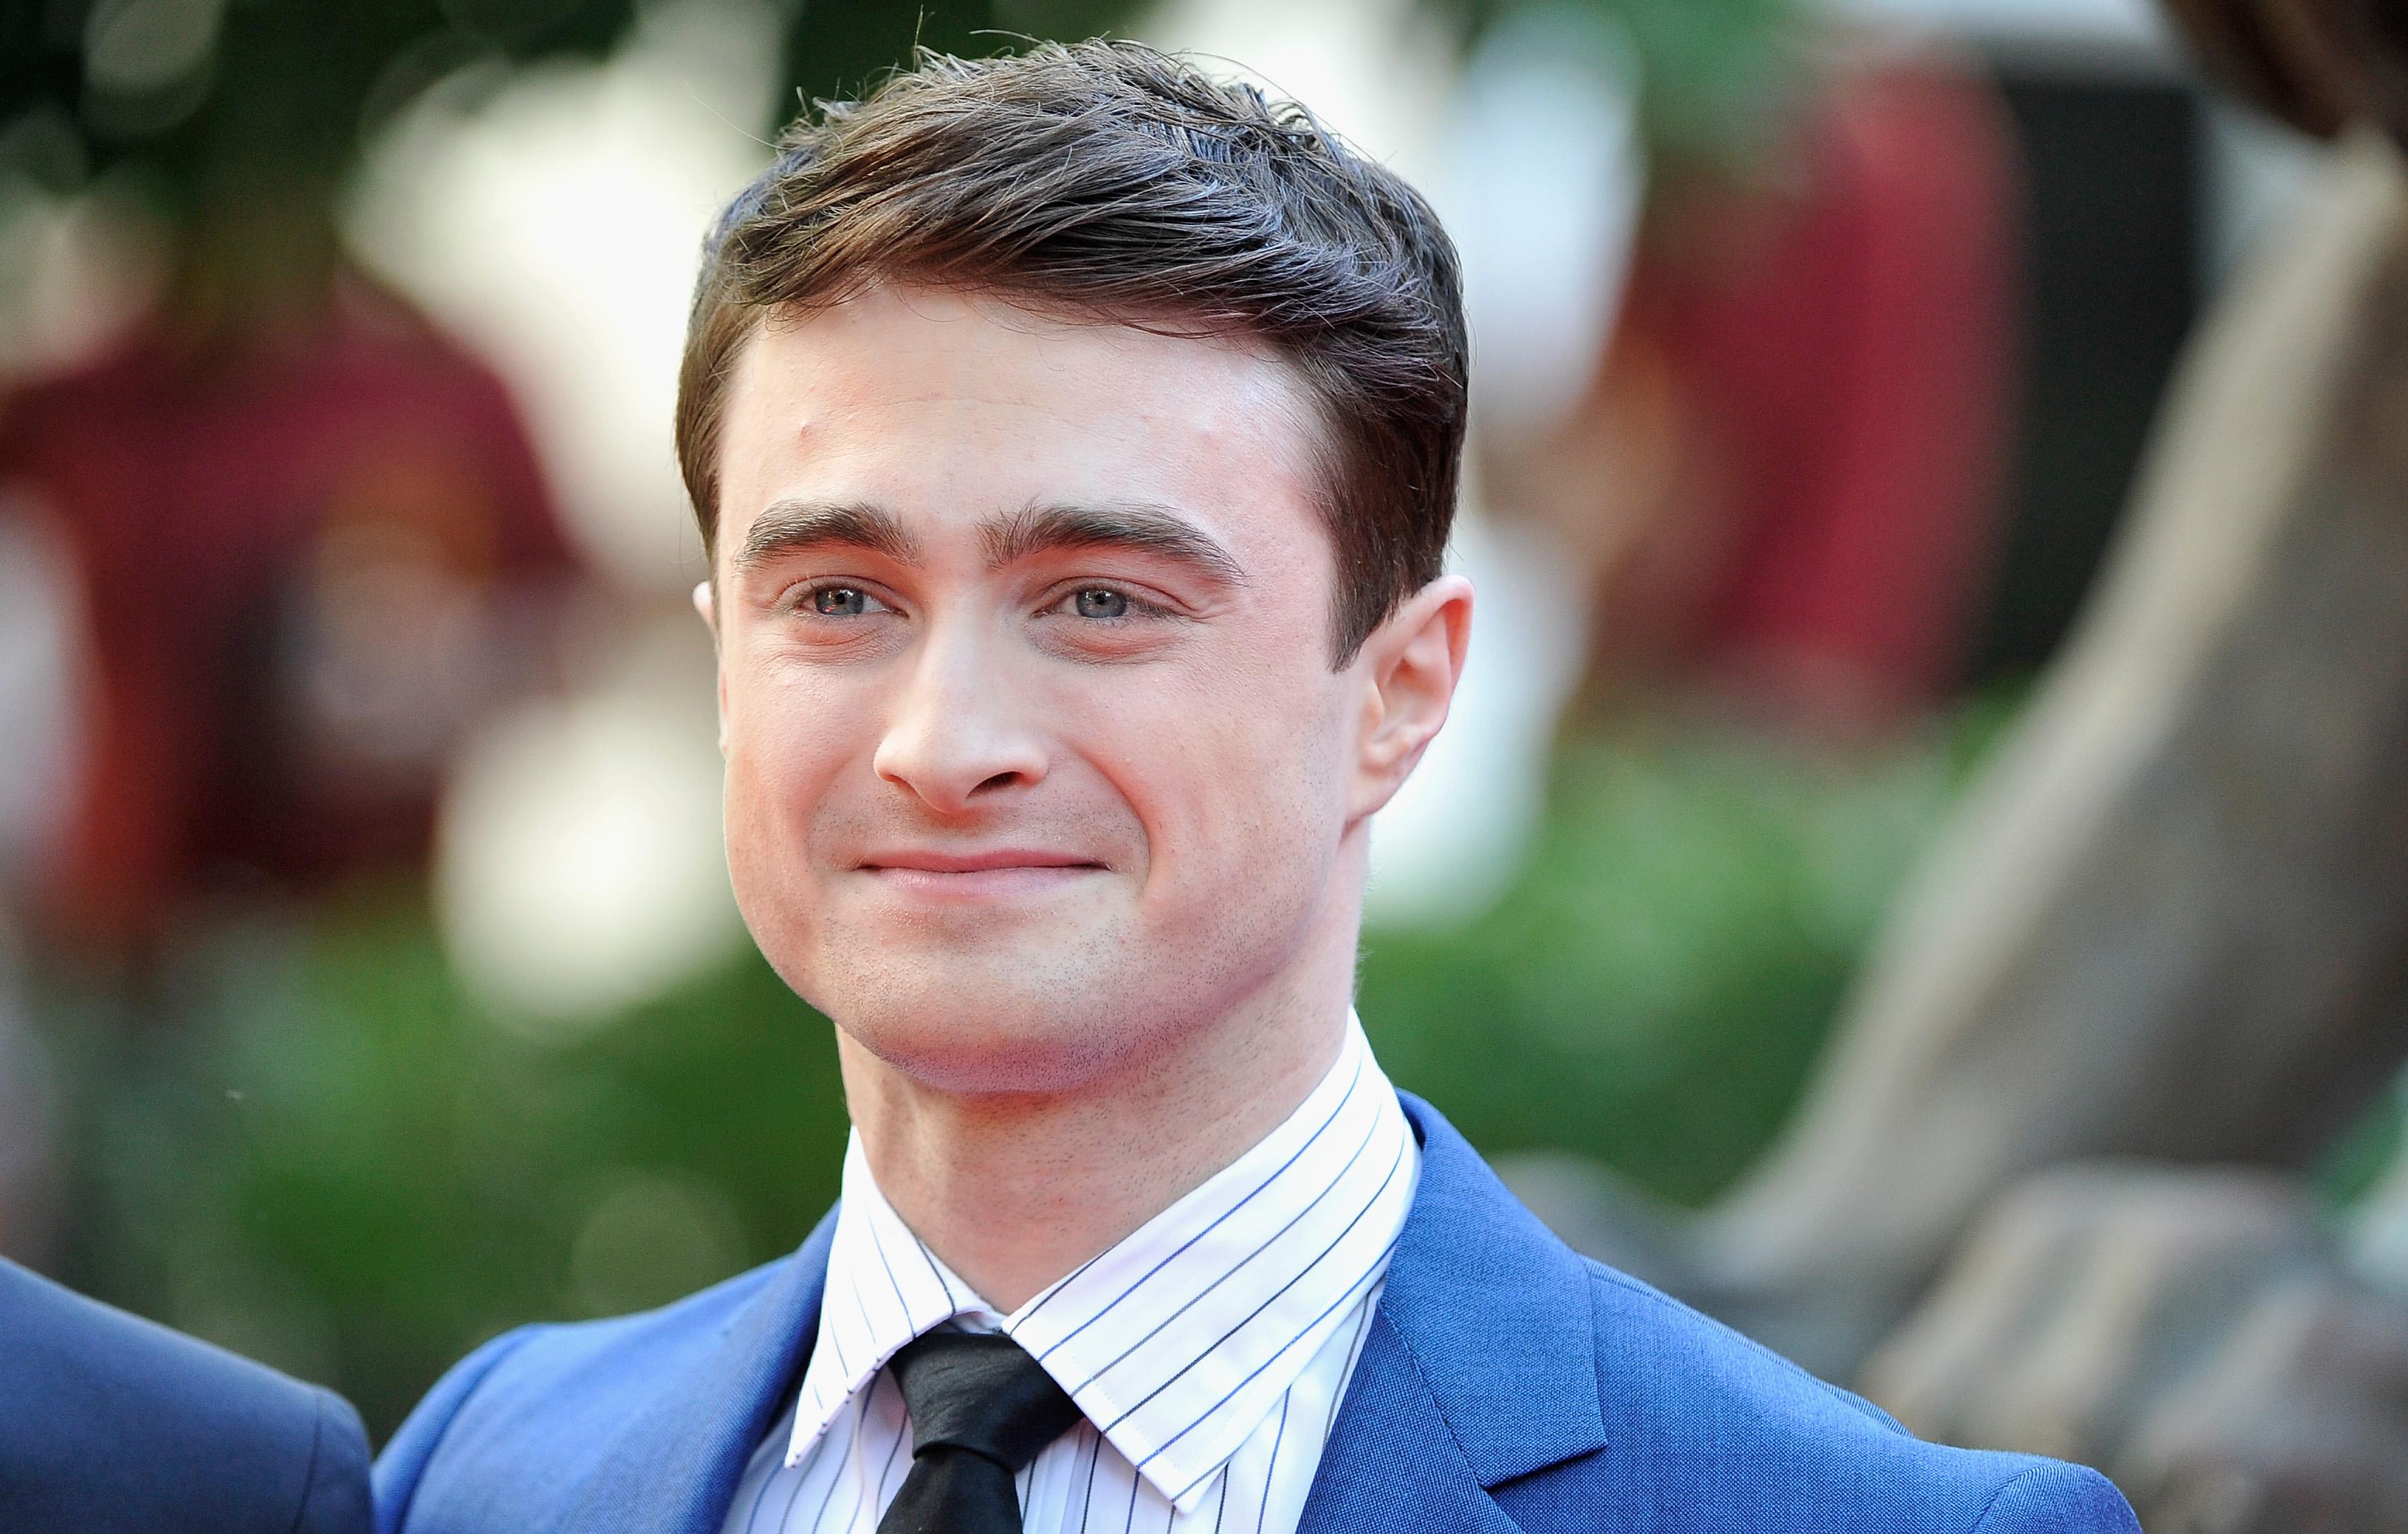 Плохи дела в Хогвартсе! Звезда «Гарри Поттера» курит на балконе в одних трусах